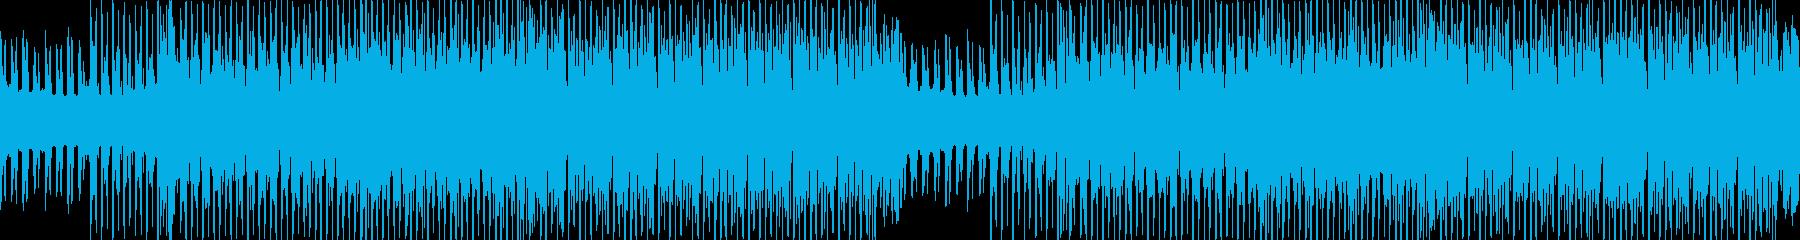 ウキウキ楽しくなるダンスエレクトロBGMの再生済みの波形